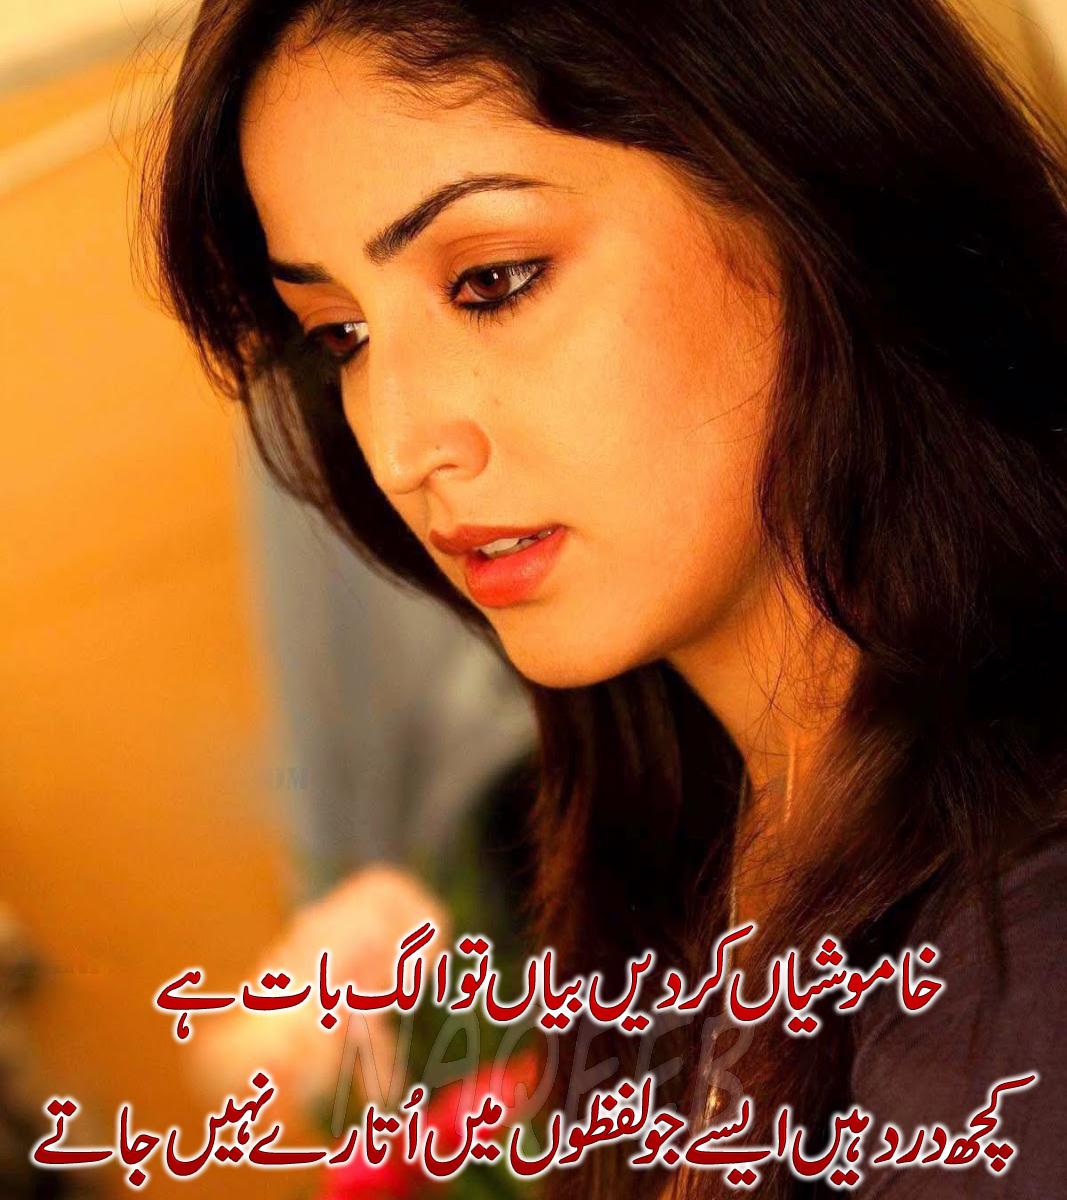 Bahut Yaad Aati Hai Maa - aakaasshhh.com